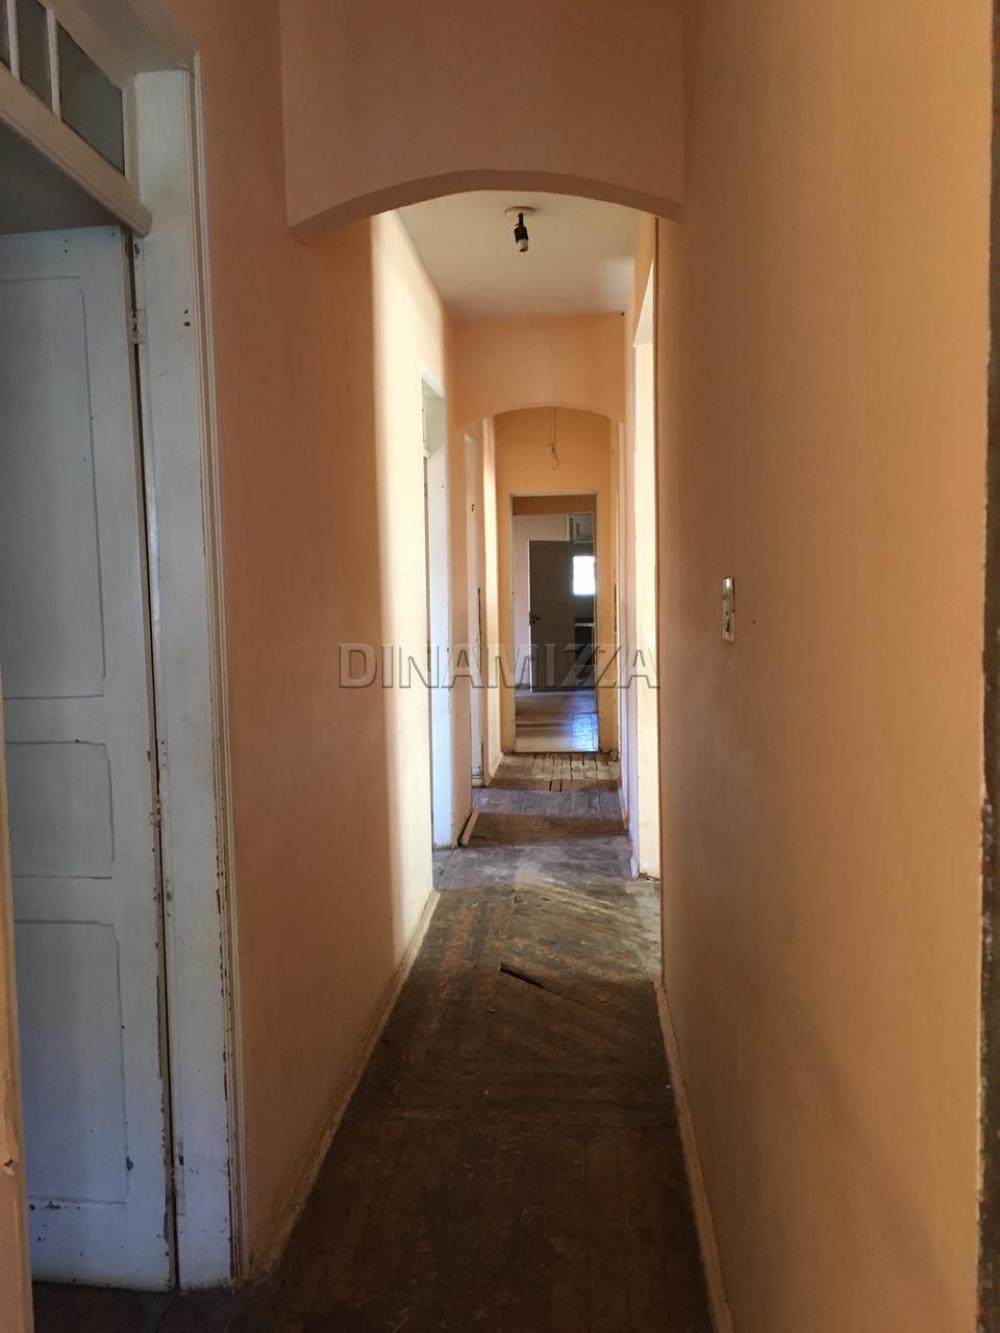 Comprar Casa / Padrão em Uberaba - Foto 7